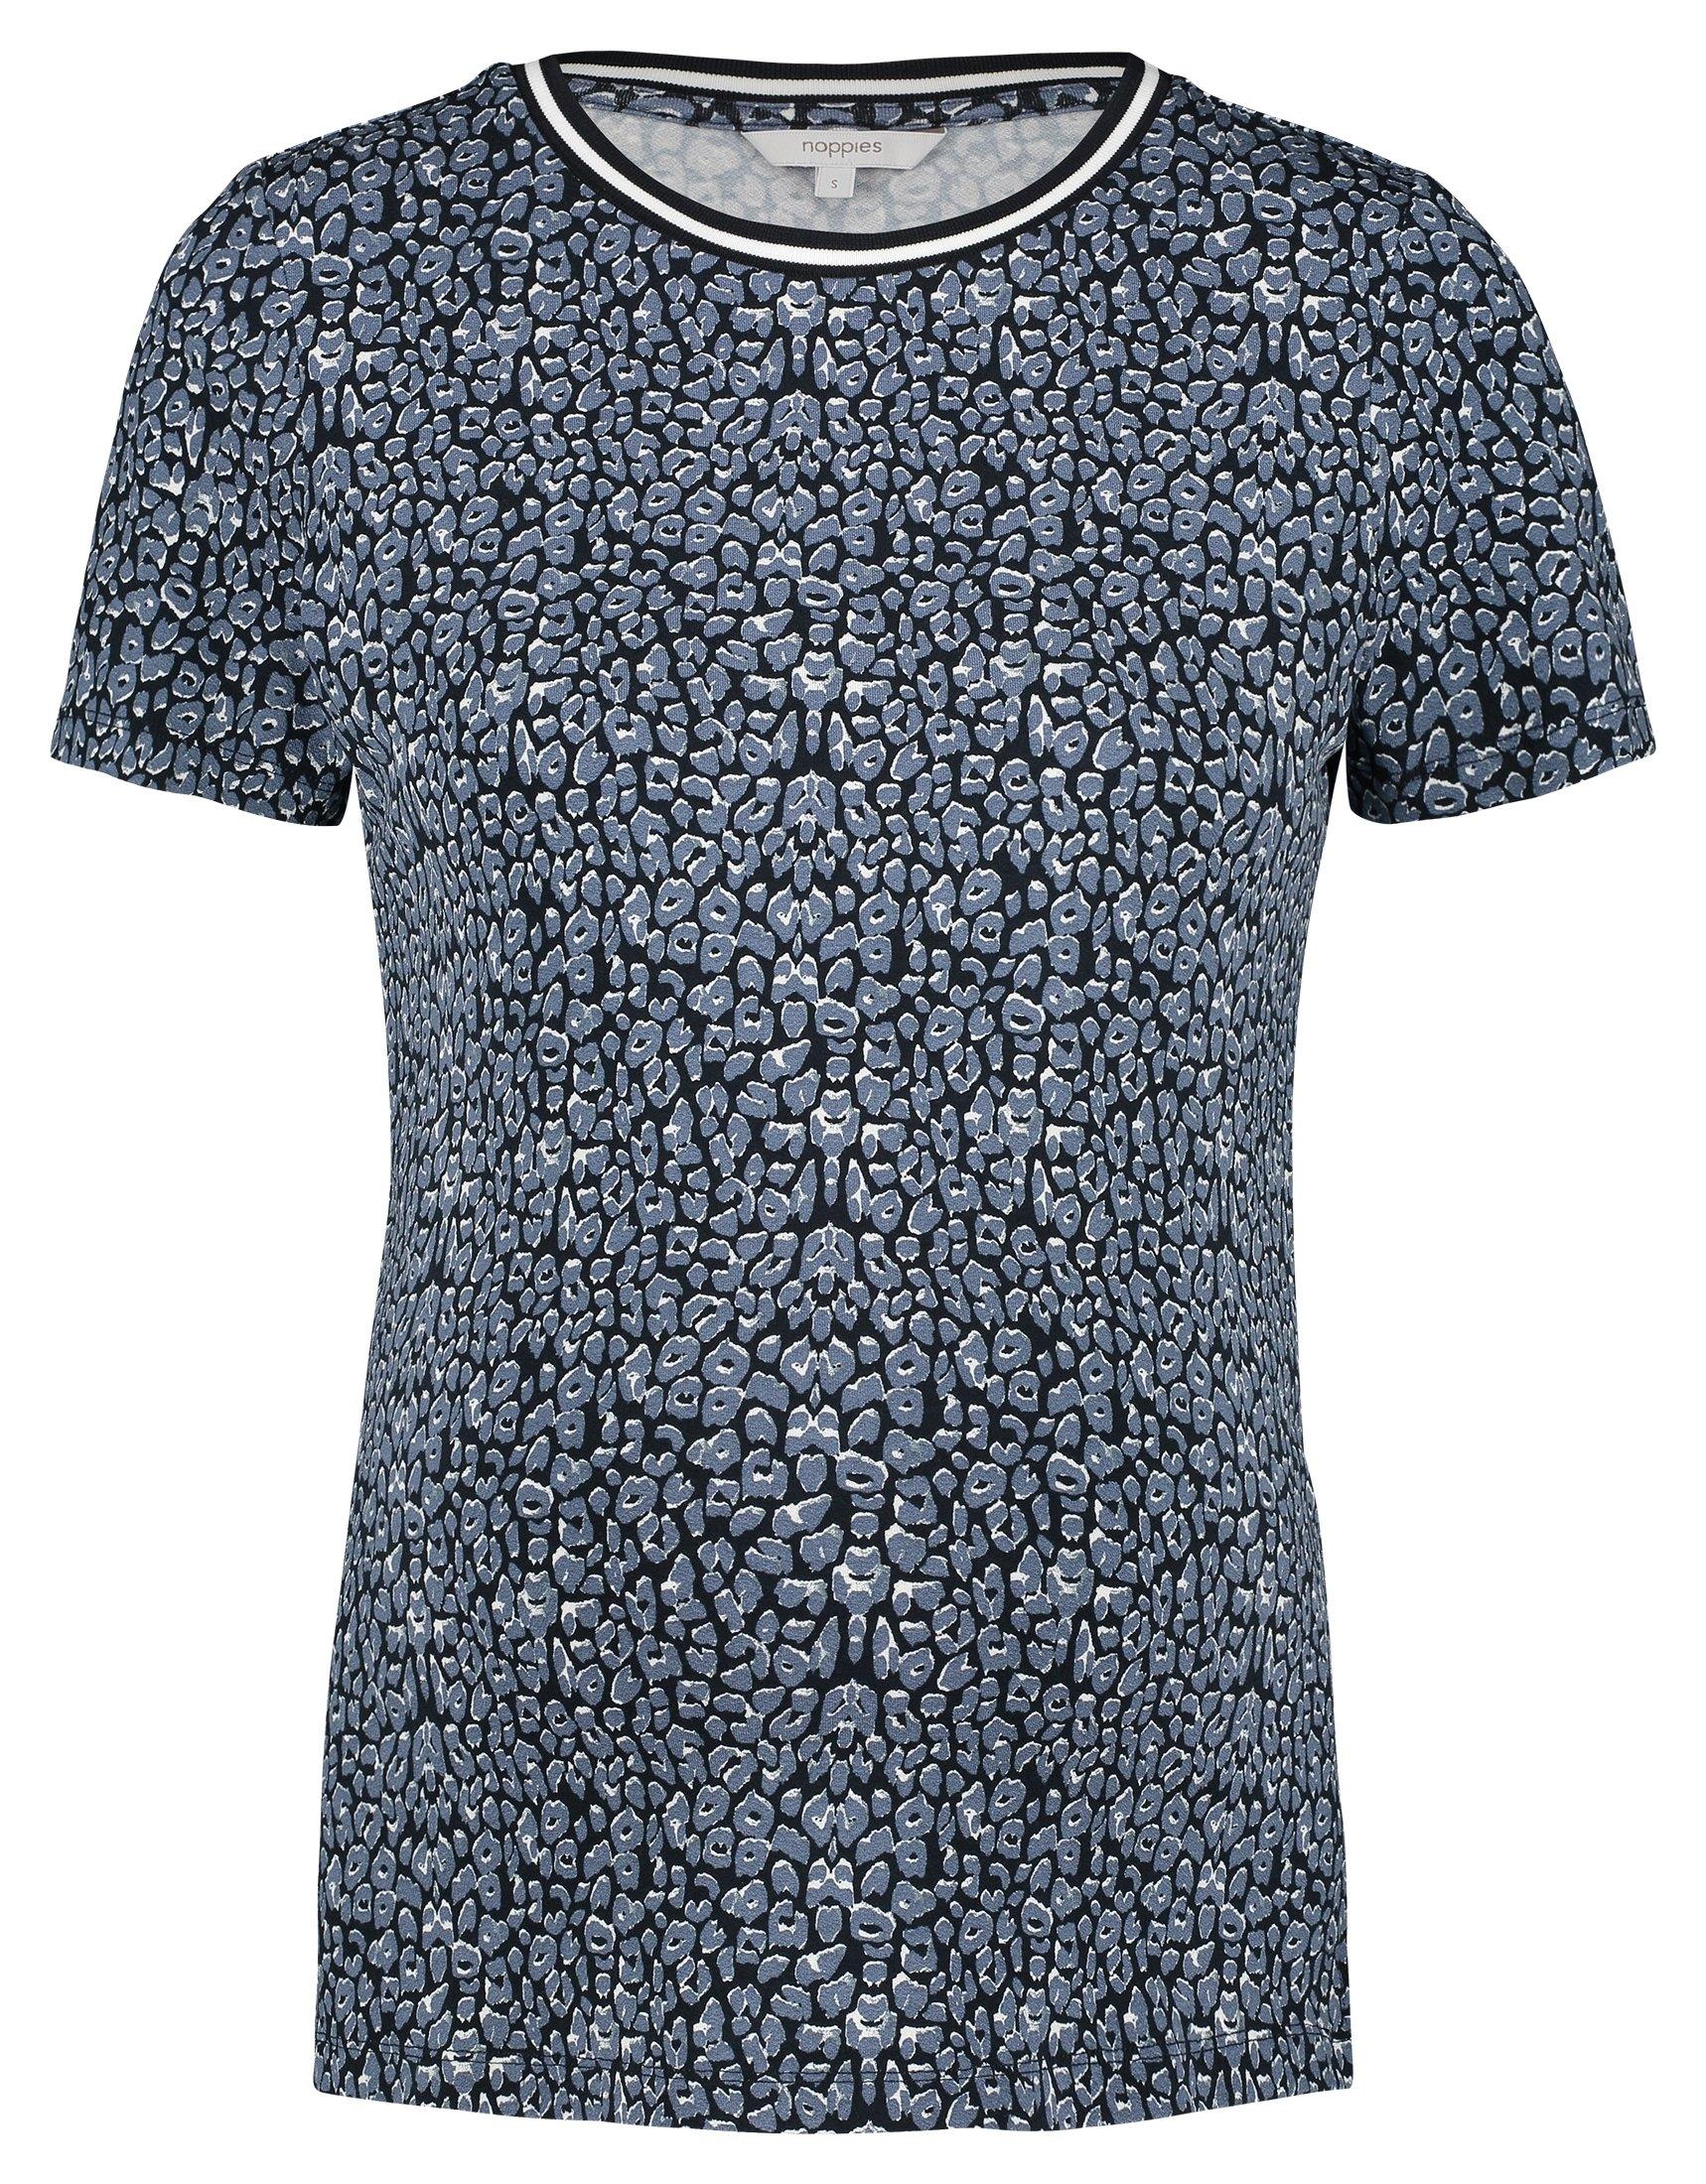 Noppies t-shirt »Alice« - gratis ruilen op otto.nl